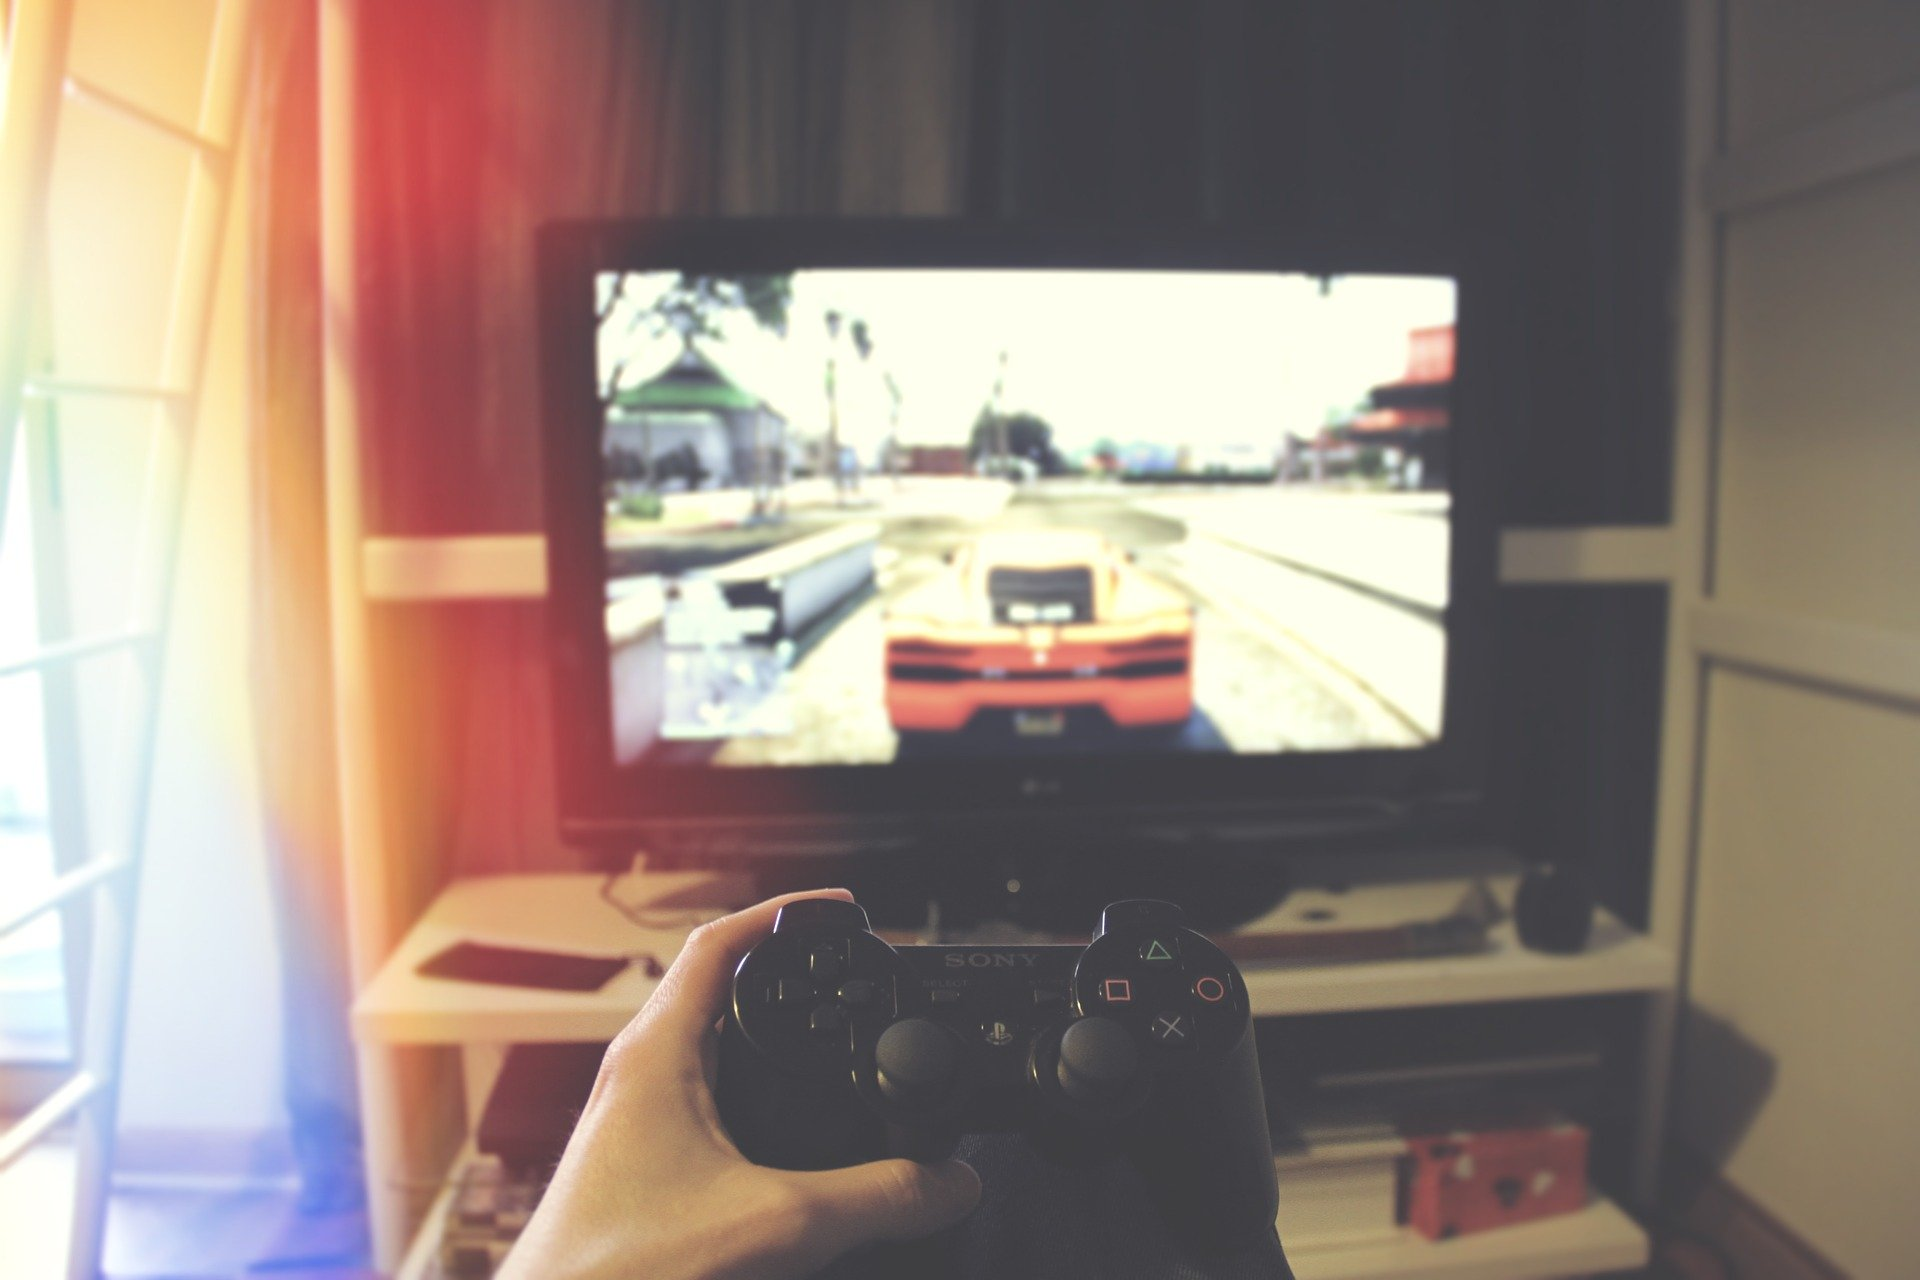 Gamingsetup